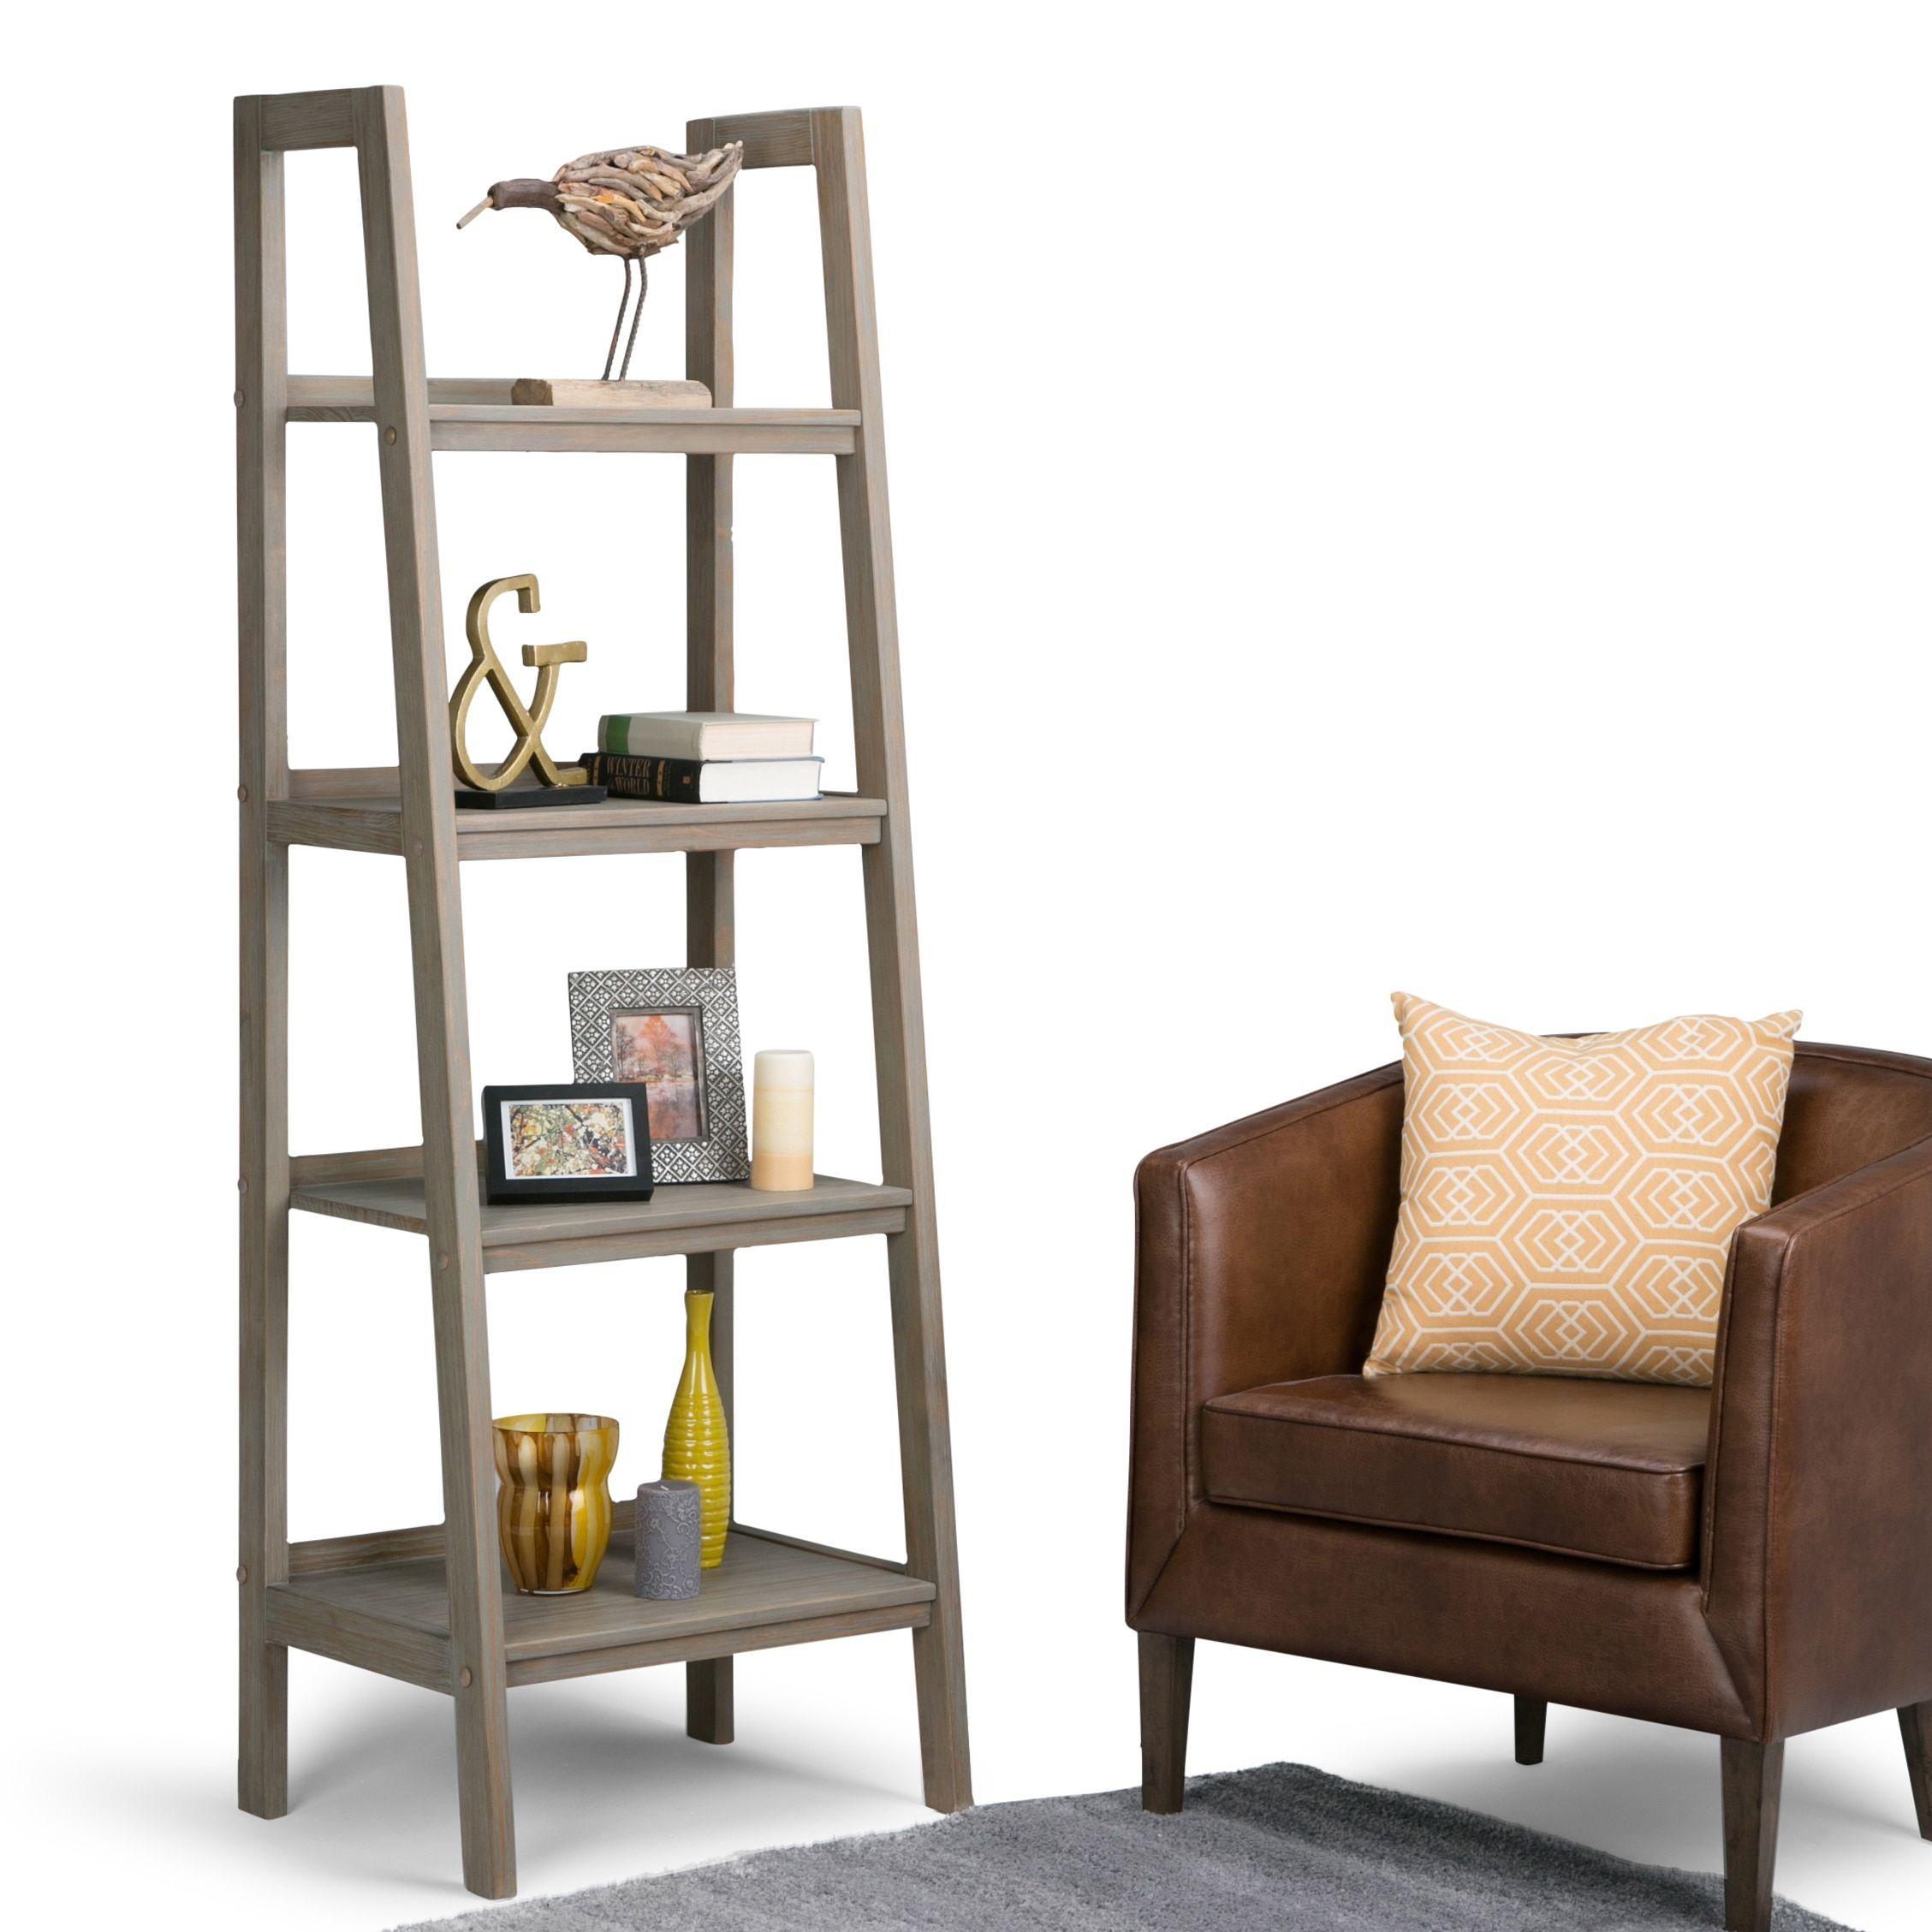 Wyndenhall Hawkins Solid Wood 72 Inch X 24 Inch Modern Industrial Ladder Shelf 24 W X 20 D X 72 H Wood Ladder Shelf Ladder Shelf Simpli Home